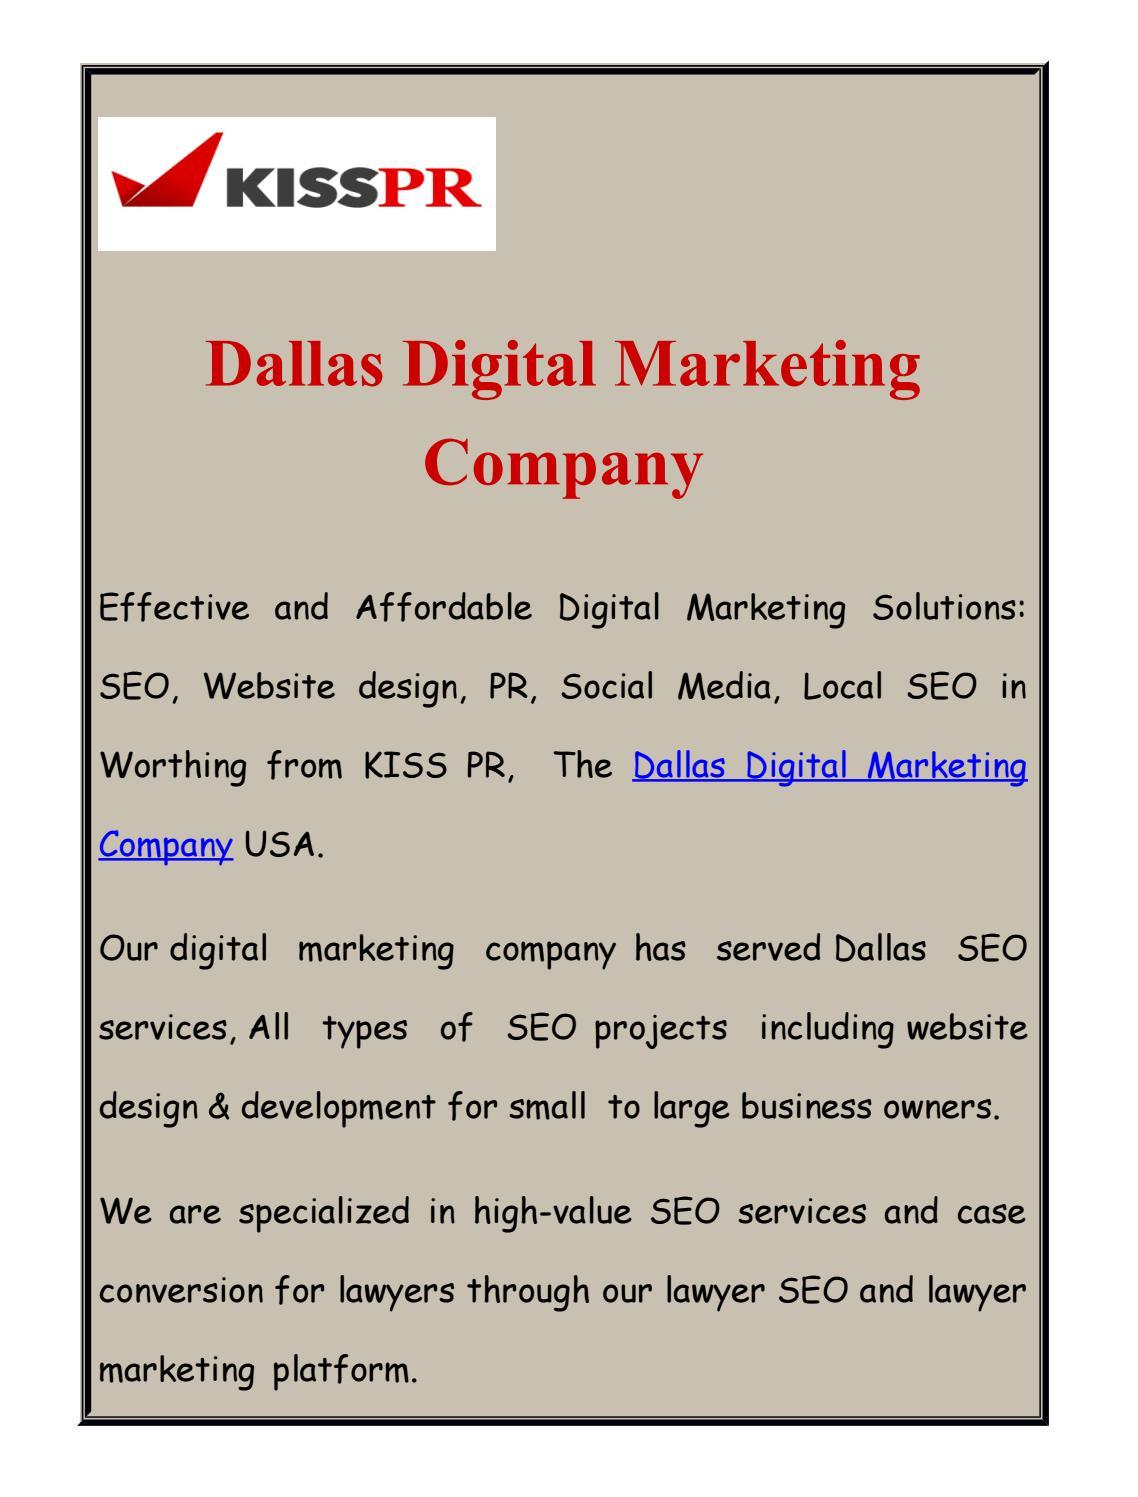 Dallas Digital Marketing Company by dallaskisspr - issuu